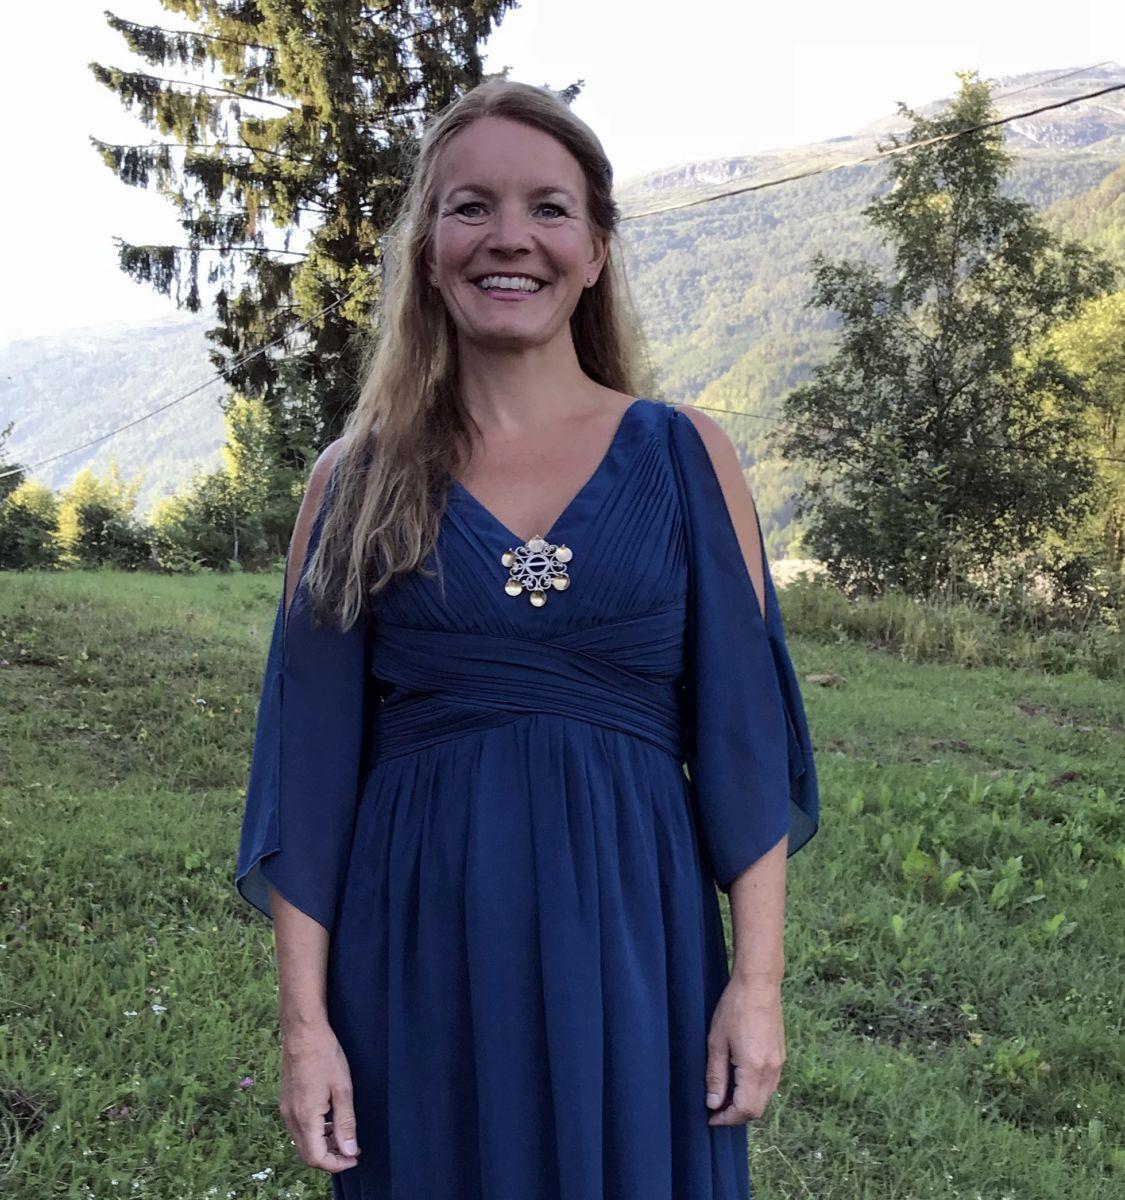 Unni Boksasp heldt konsert i Todalen sommaren 2018. Foto: Dordi J H